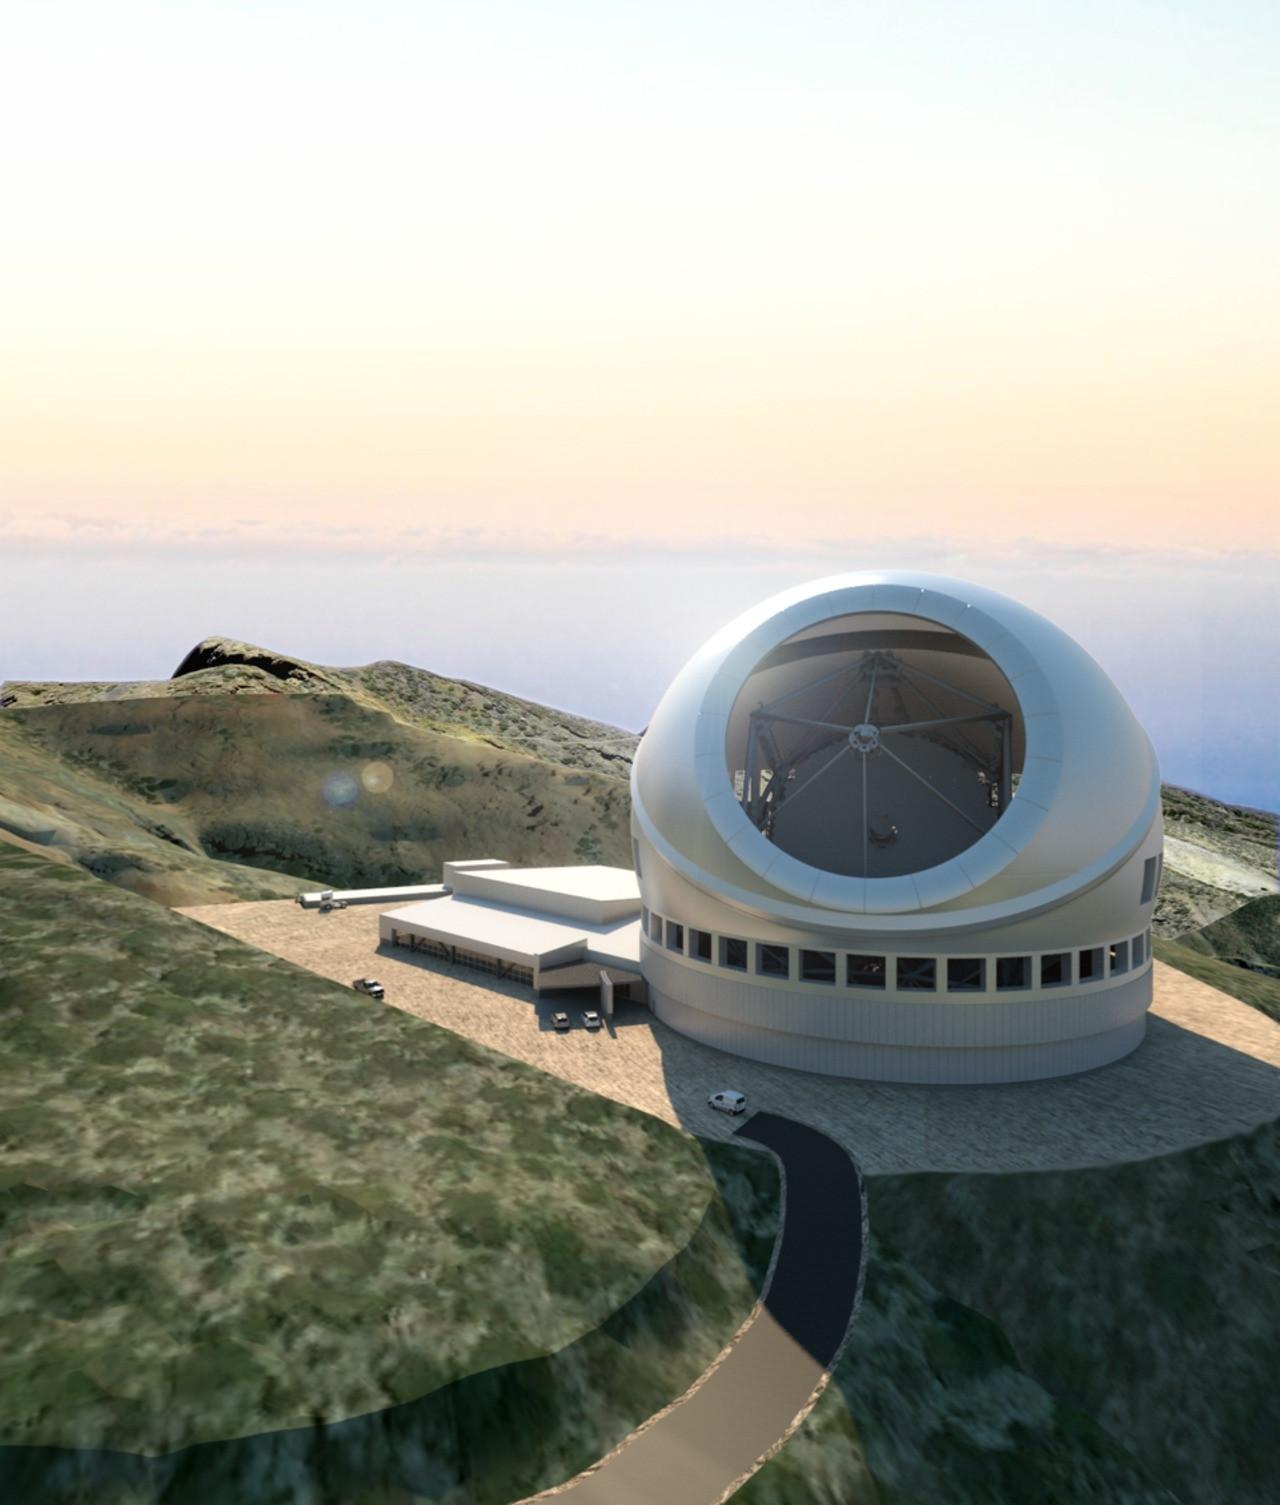 a01f55b6c365a5 Die scheinbar endlose Geschichte um das geplante Riesenteleskop TMT geht in  eine neue Runde. Angesichts zweier Verfahren vor dem Supreme Court von  Hawaii ...